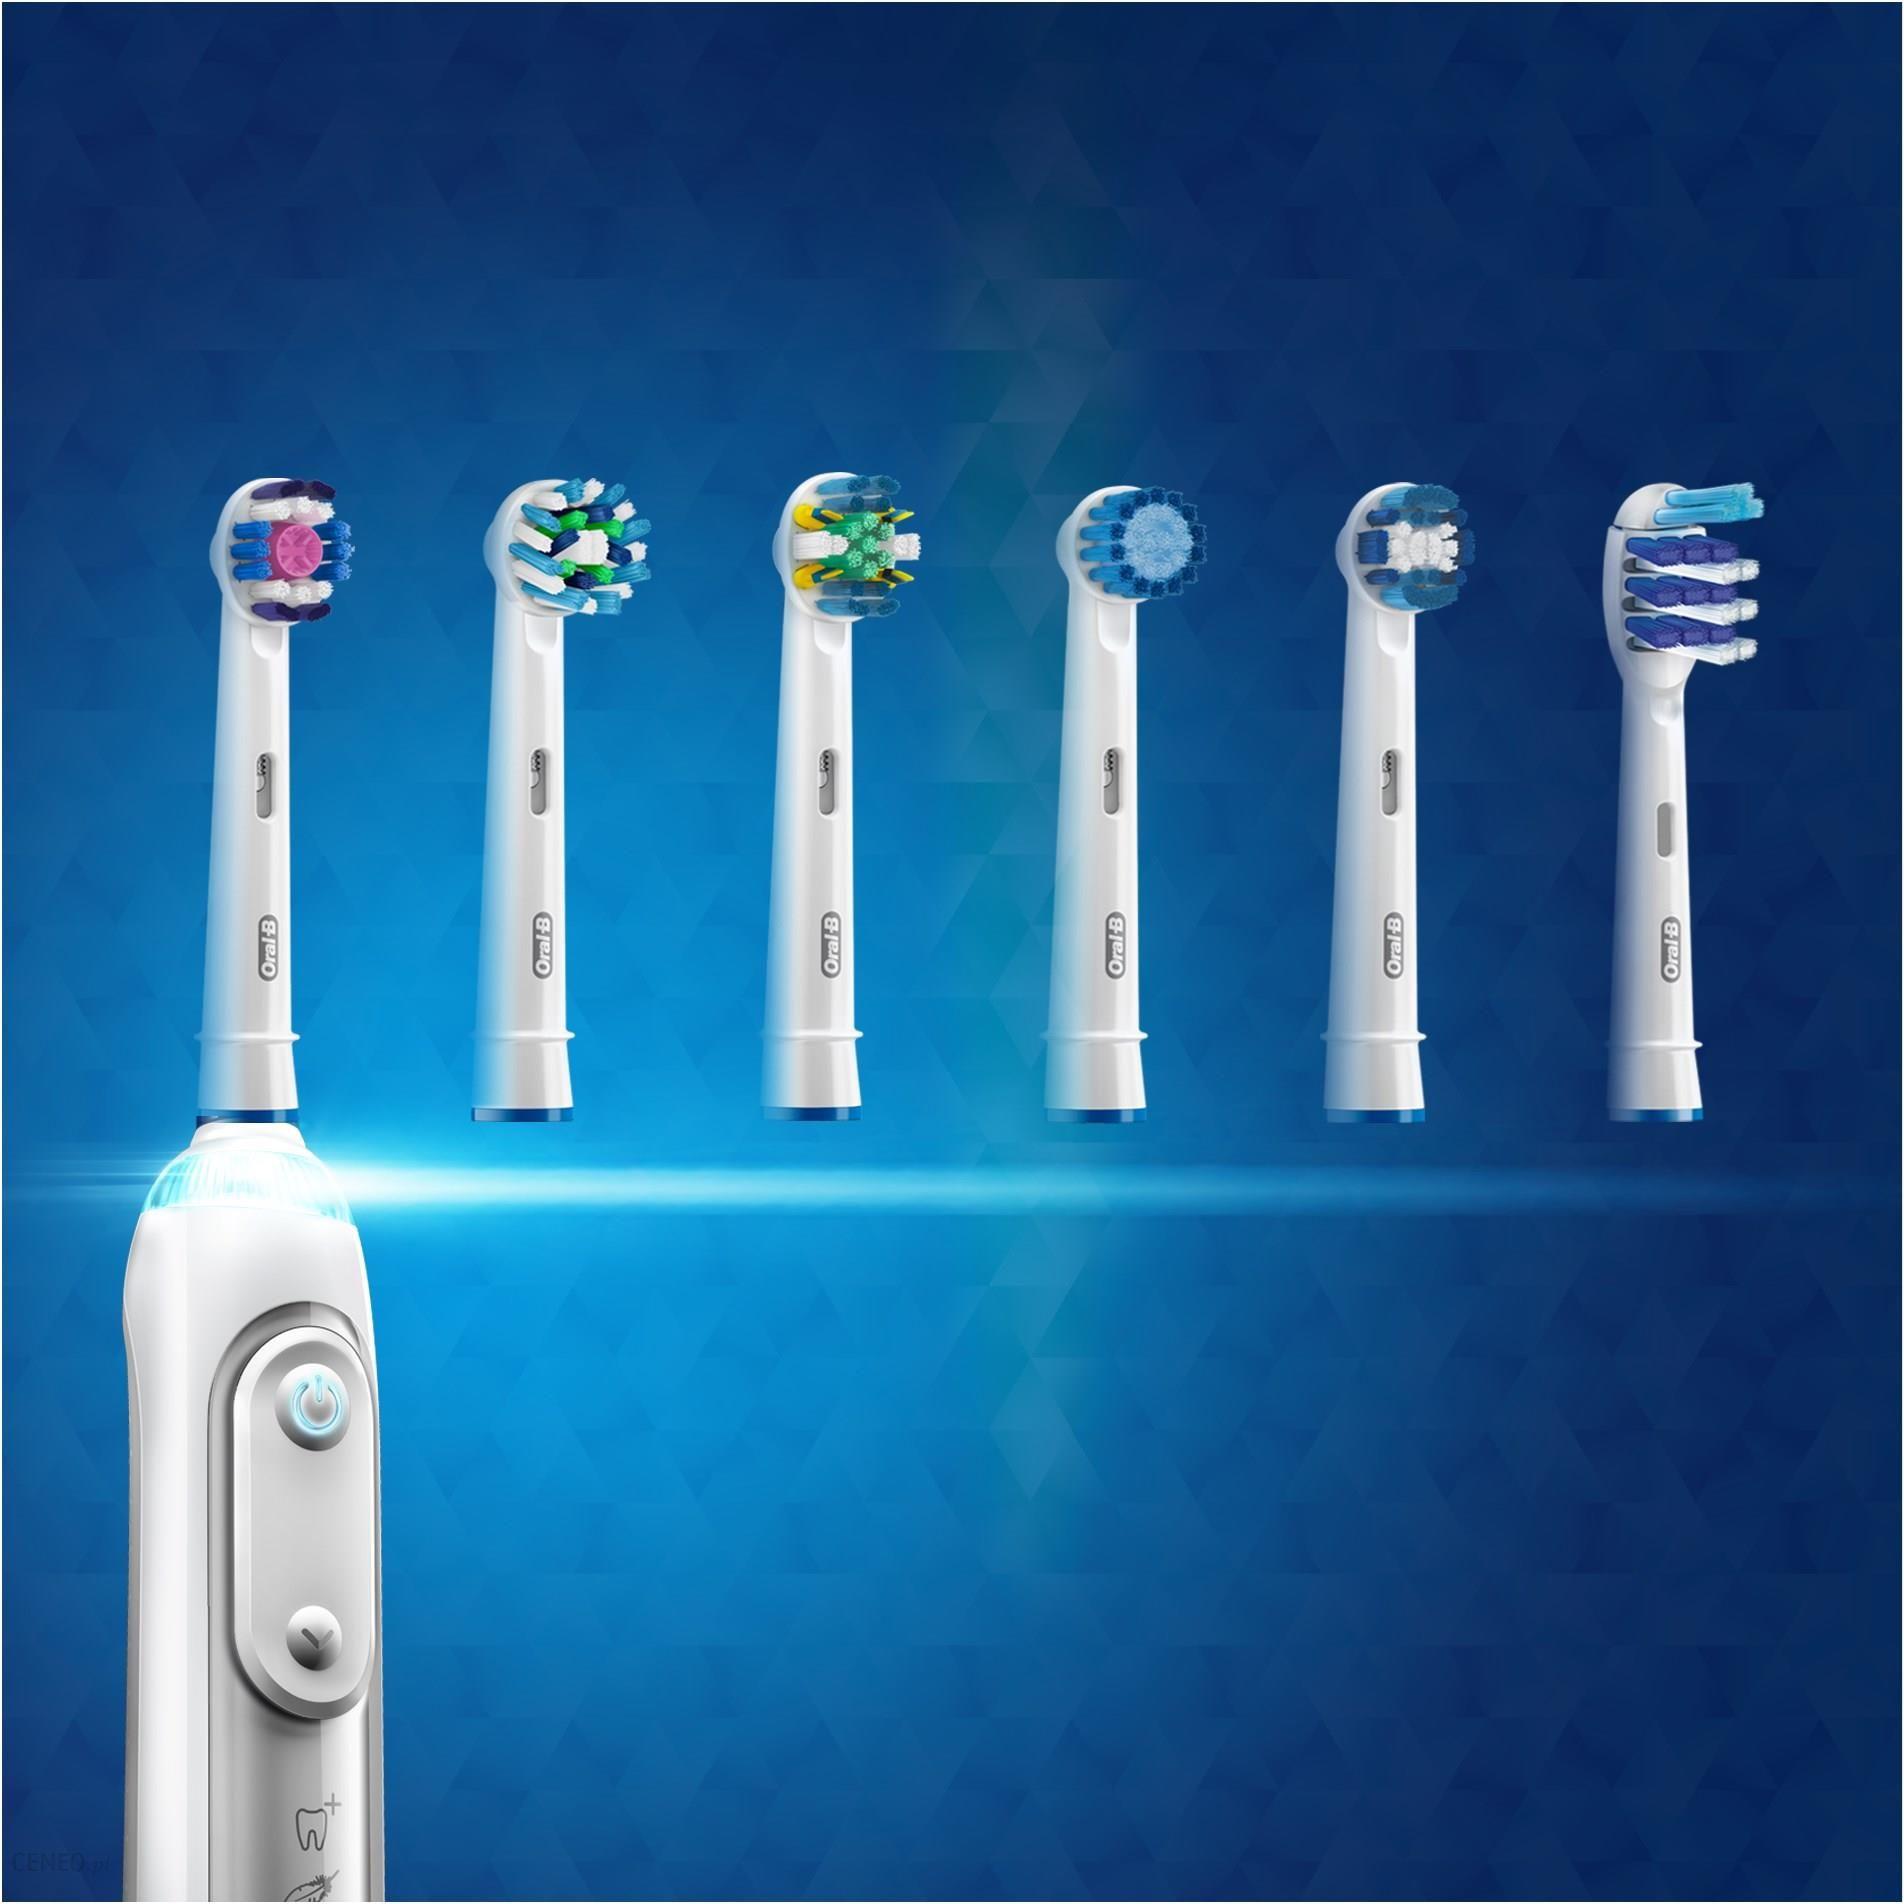 ... Końcówka do szczoteczki elektrycznej Oral-B 3D White Końcówki 4 sztuki  (EB18-4 ... 29ec1f7fa69b